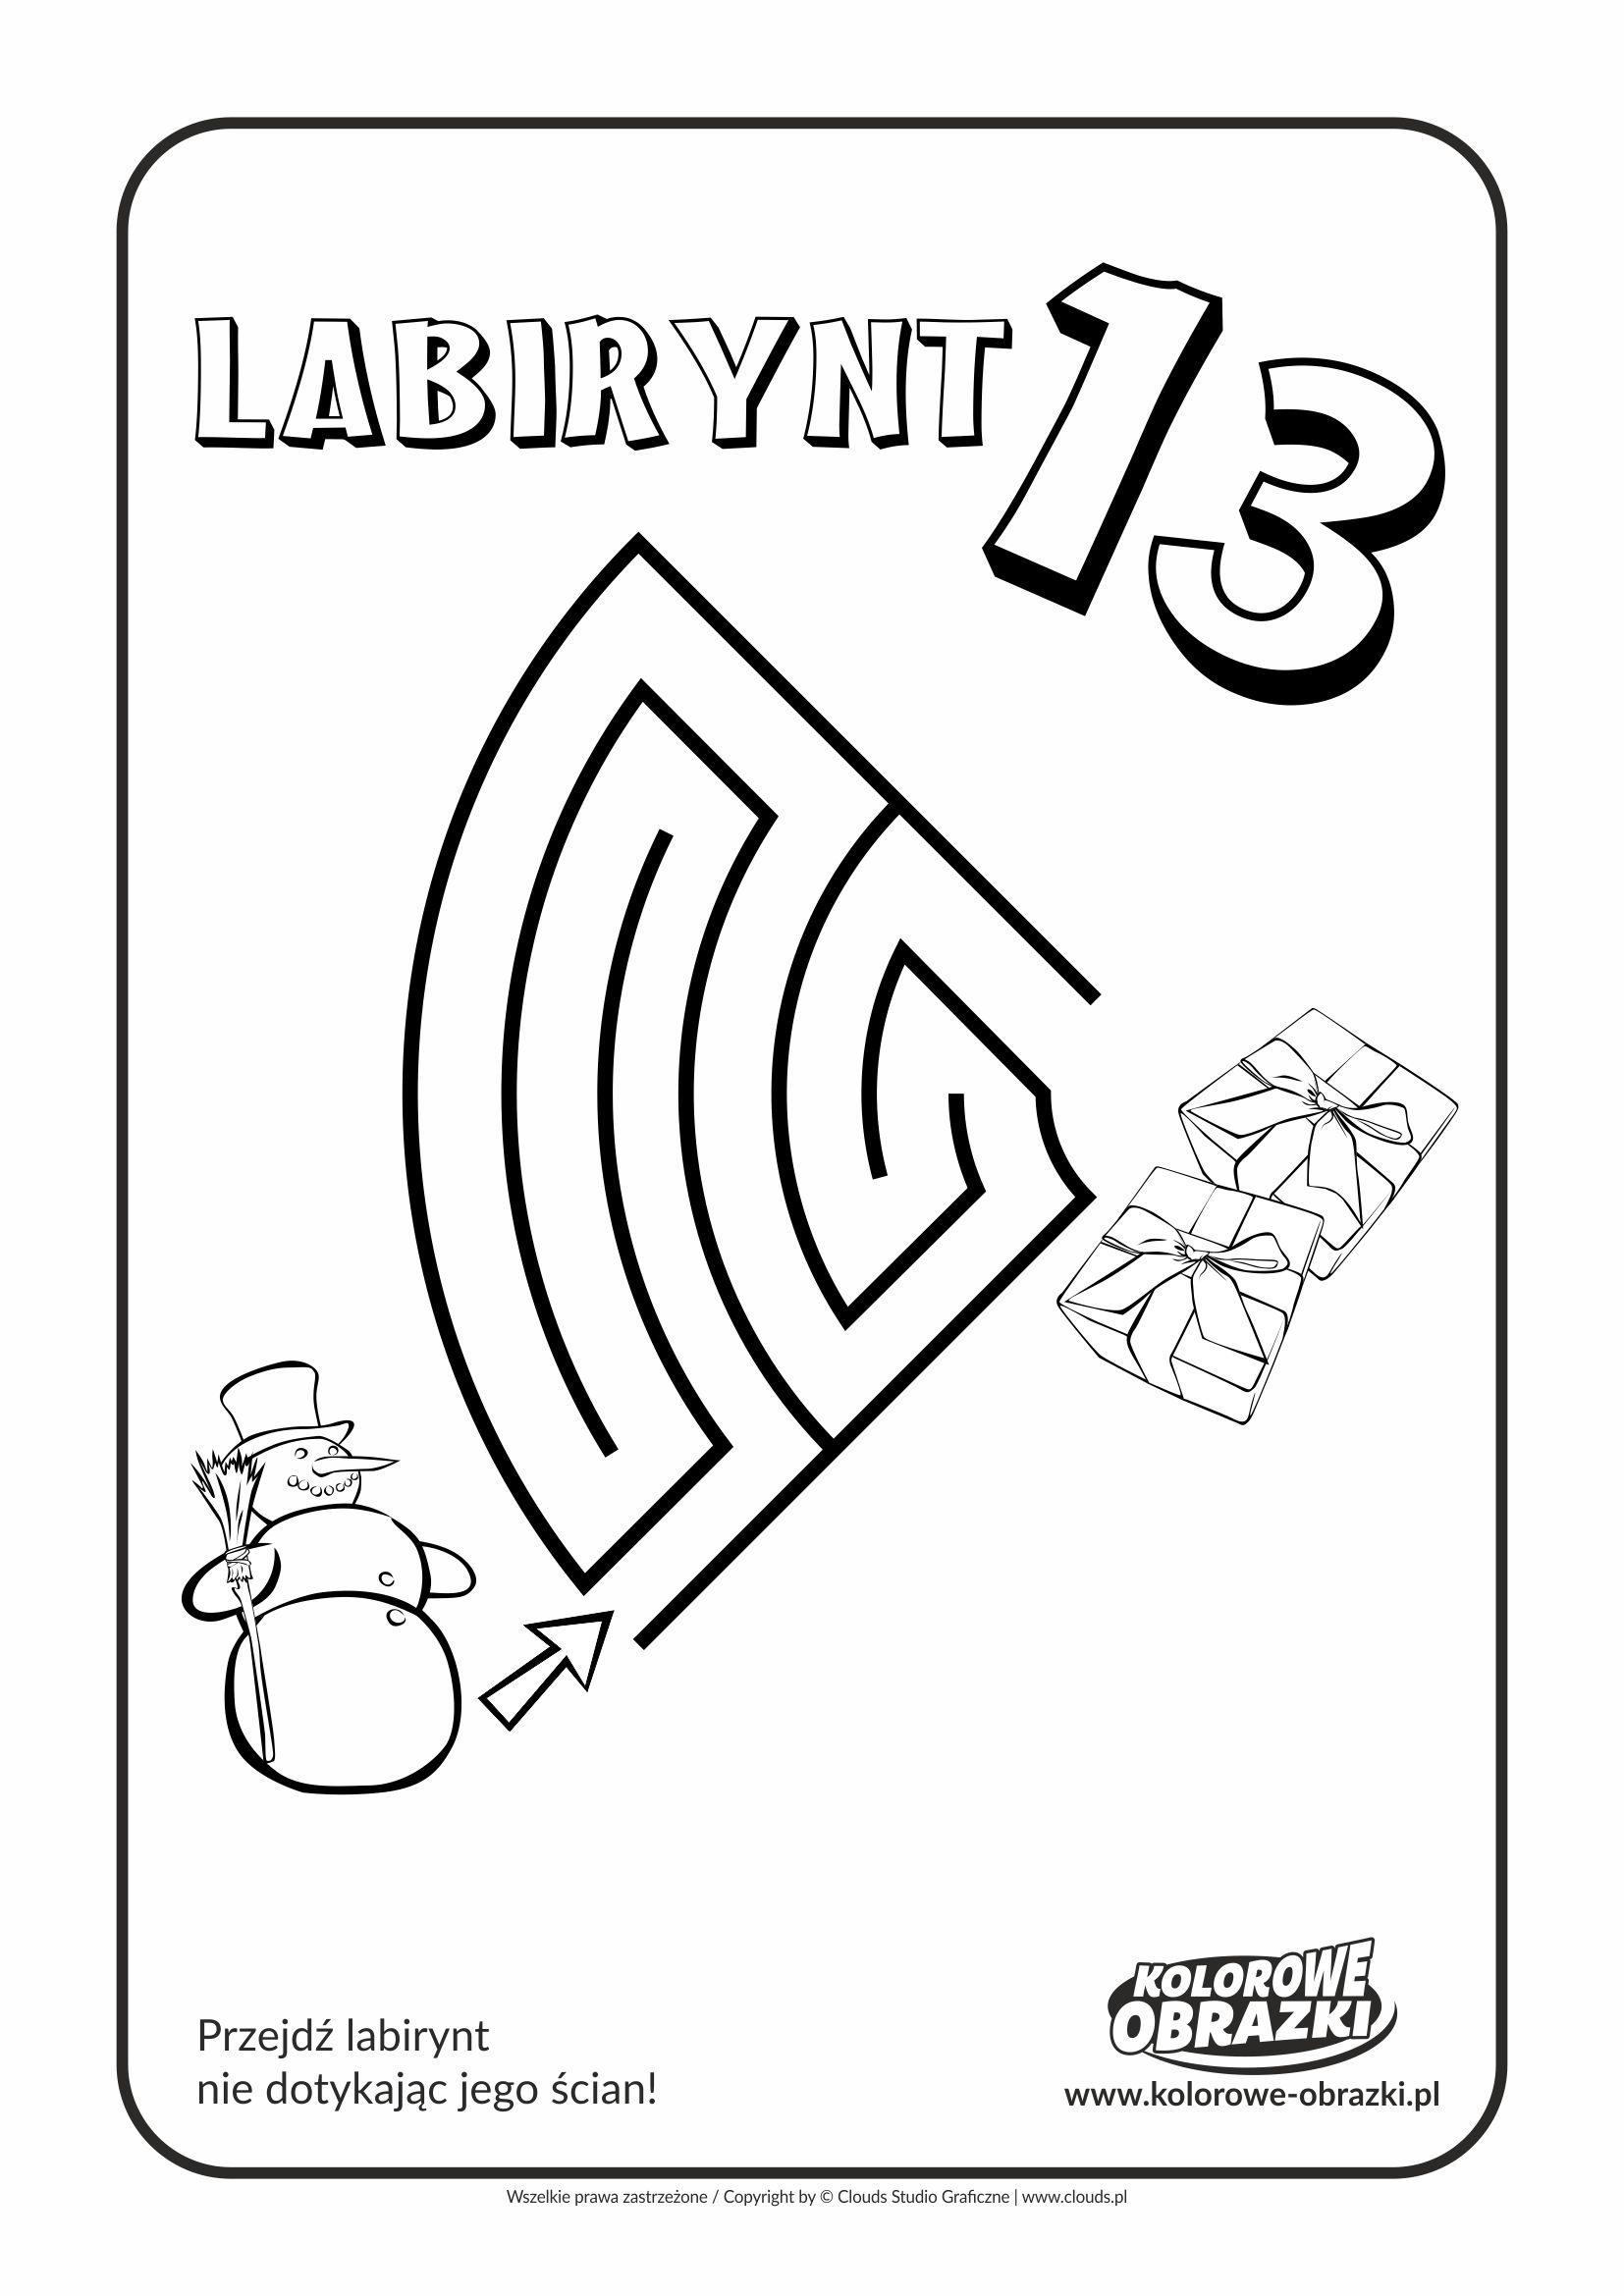 Kolorowanki dla dzieci - Labirynty / Labirynt nr 13